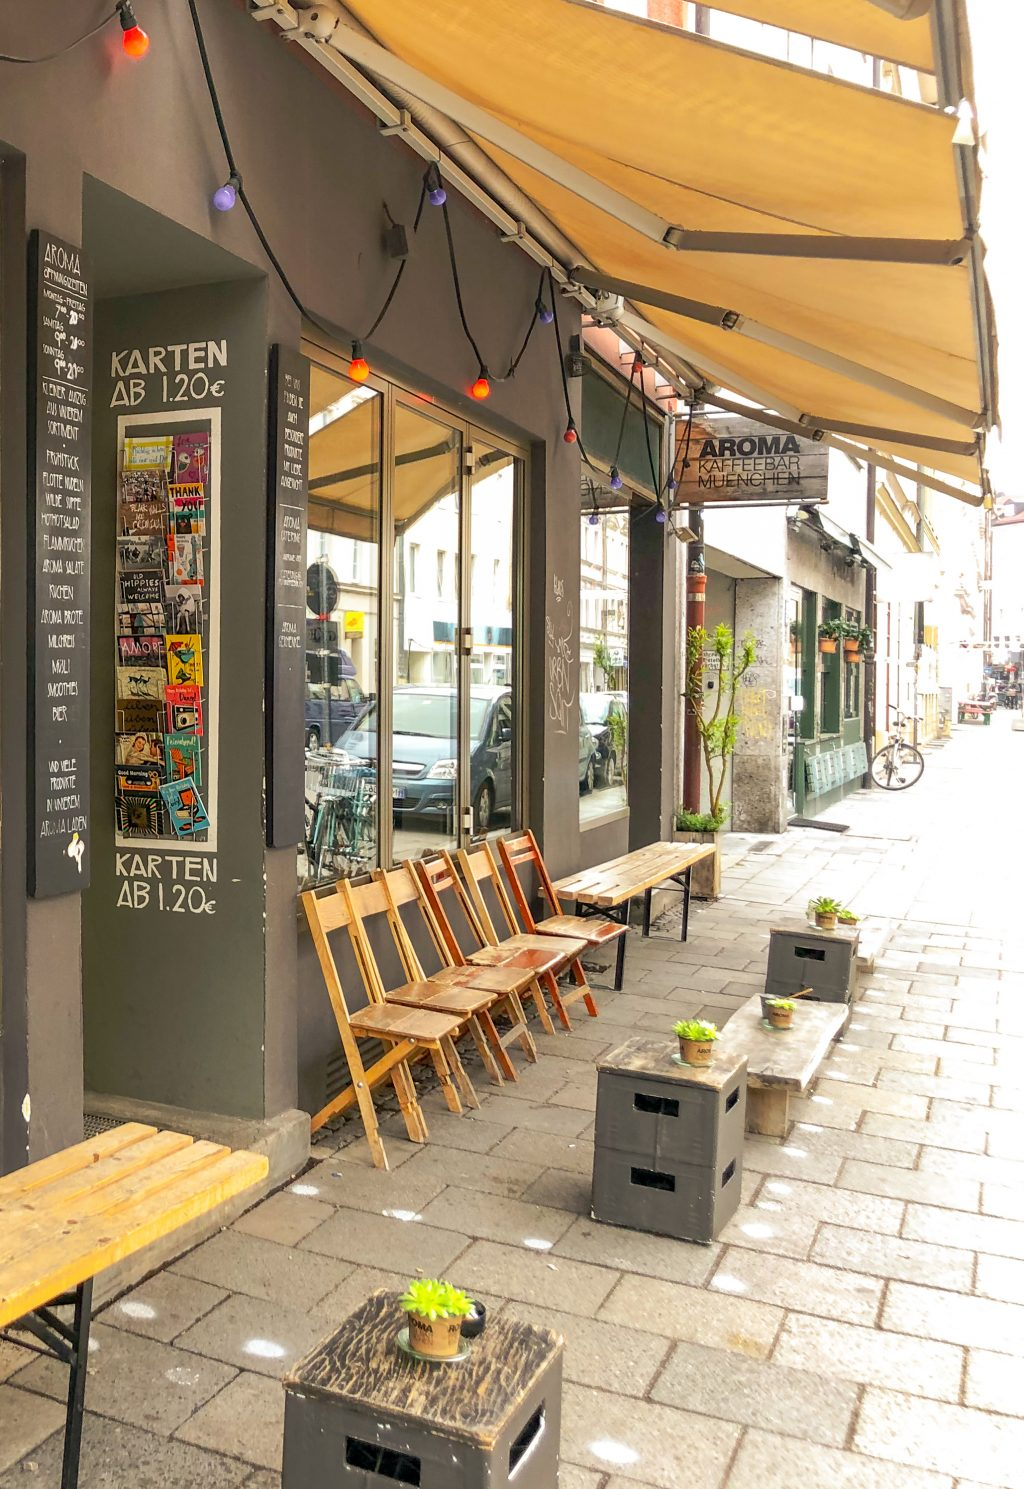 ミュンヘンのAroma Kaffee bar